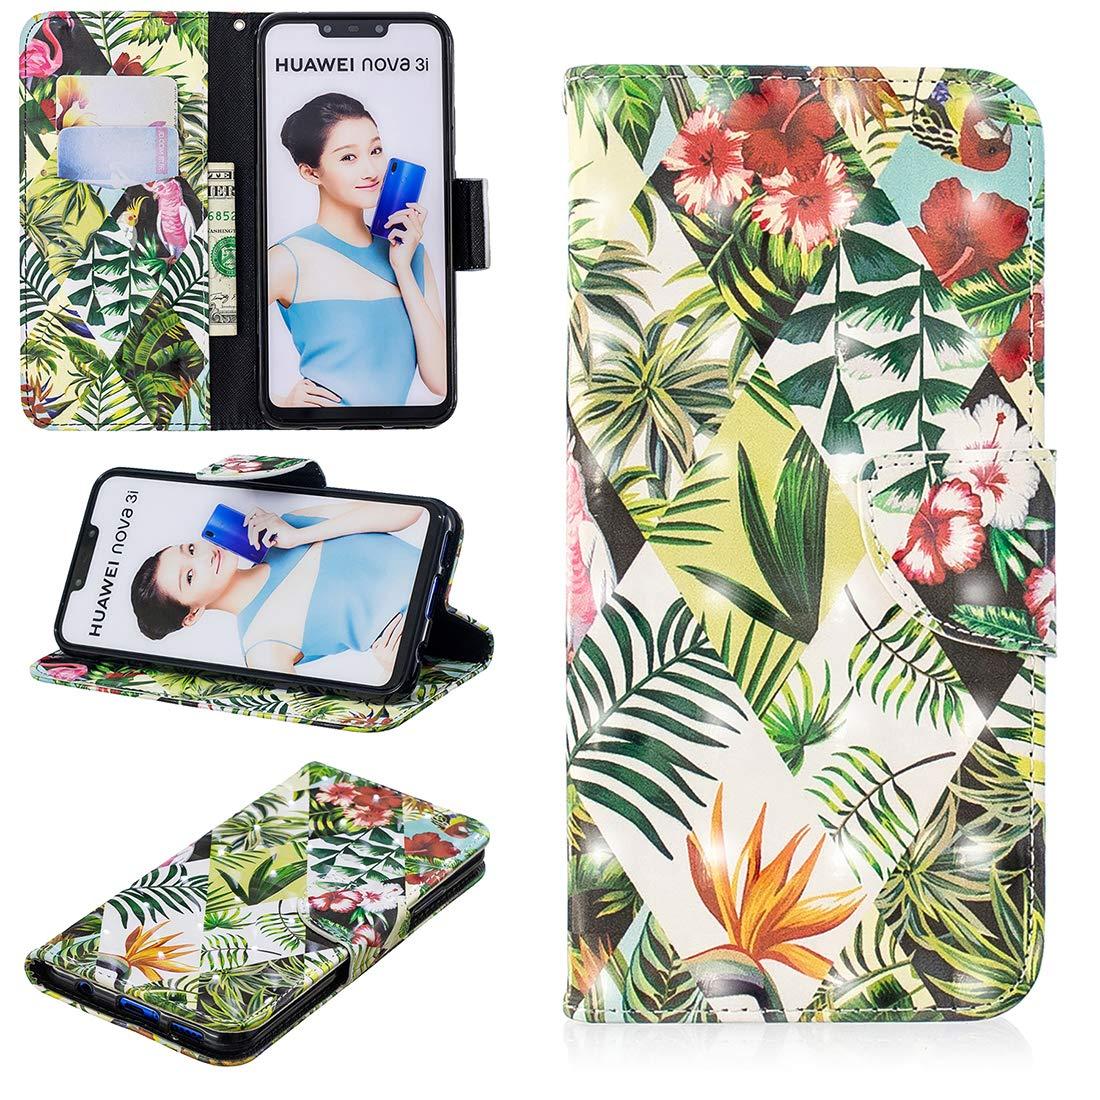 Lyzwn 3D Coque Huawei Nova 3i Housse en Cuir PU Flip Coque Etui Wallet Case avec Support Cartes Slots Fermeture Aimantée pour Huawei Nova 3i Motif